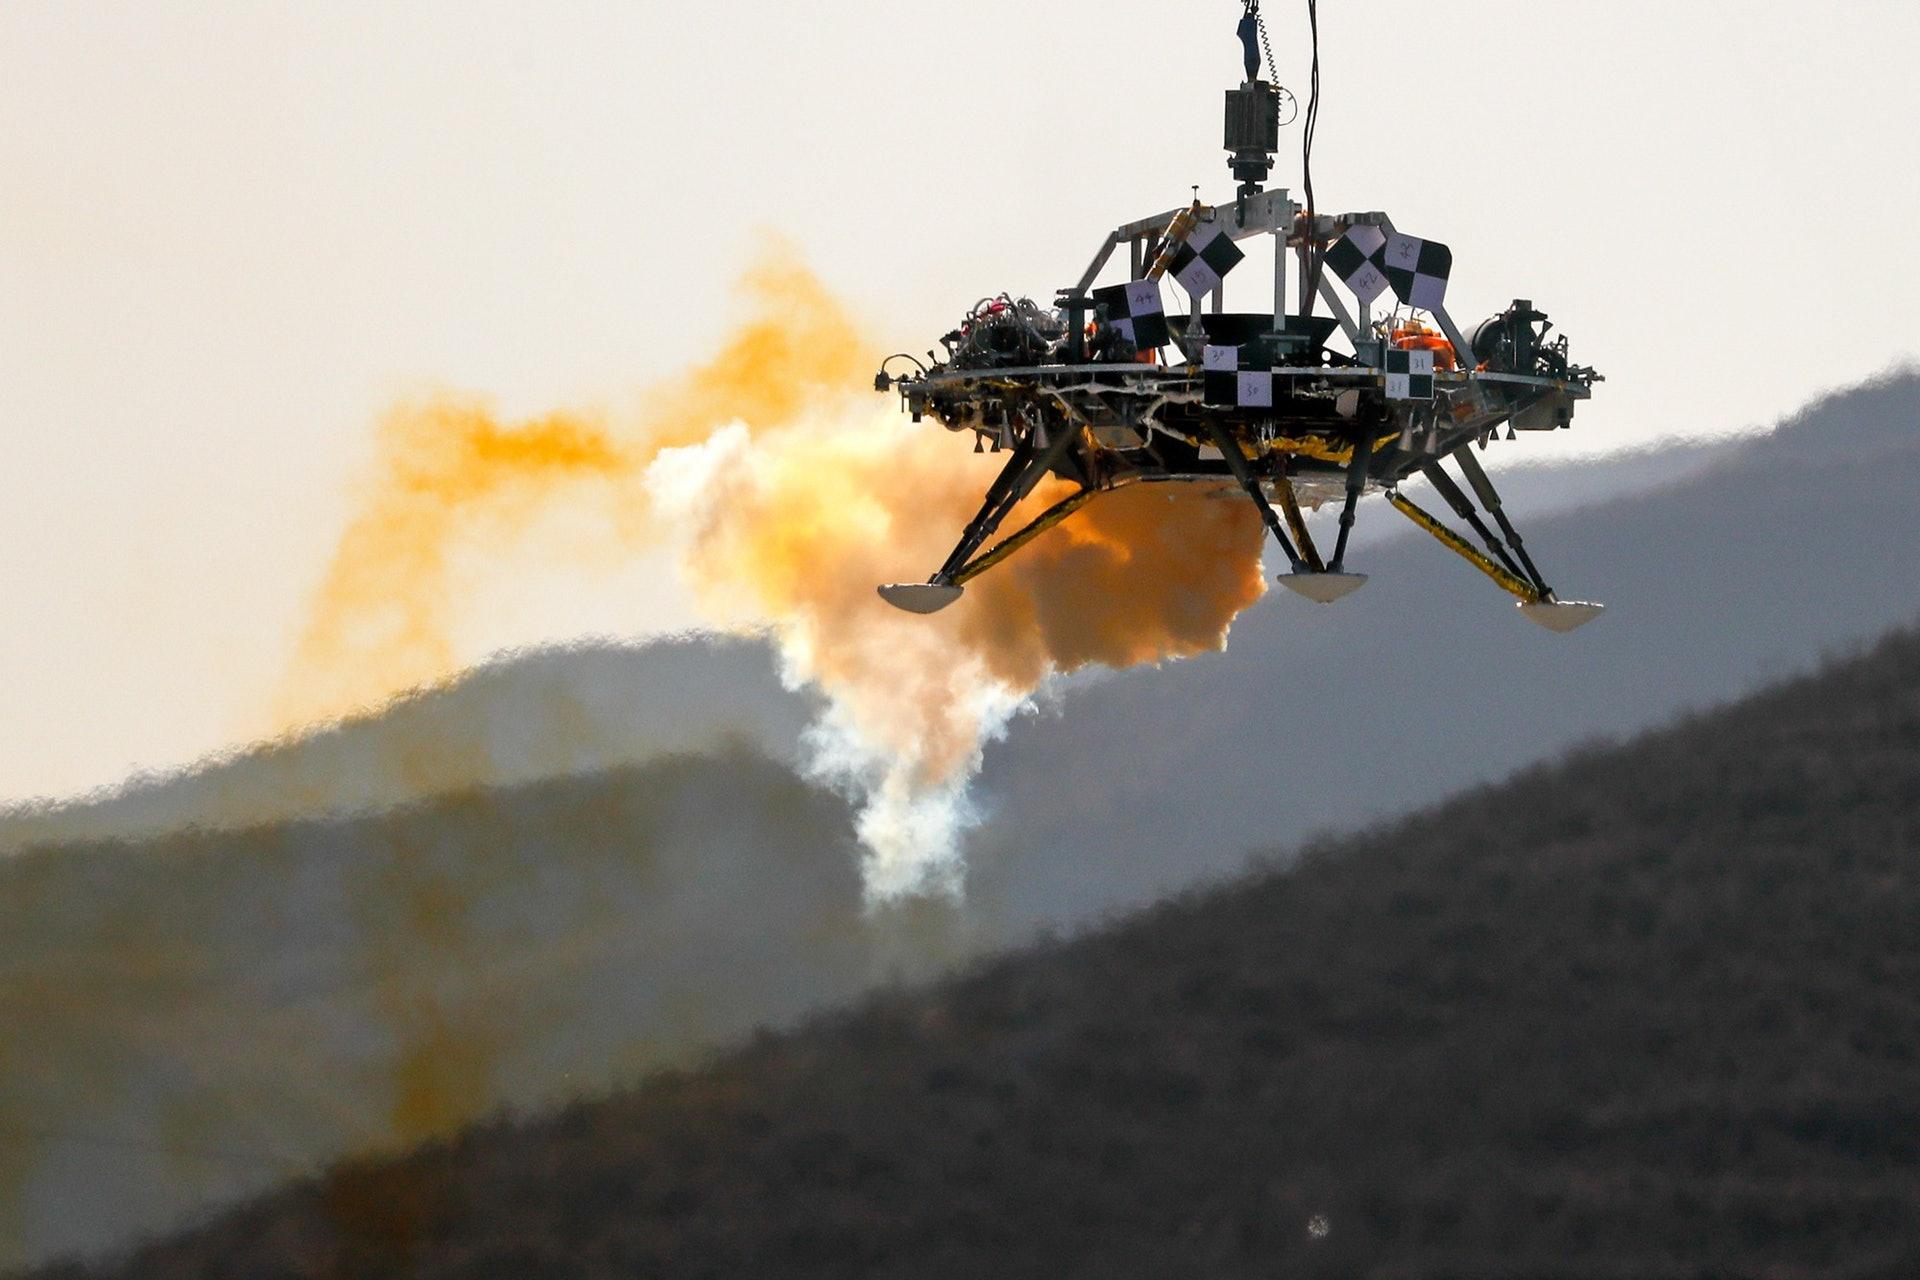 2019年11月14日,在中国河北省怀来市,中国火星探测着陆器在测试悬停、避障和减速能力时被举起。(AP)